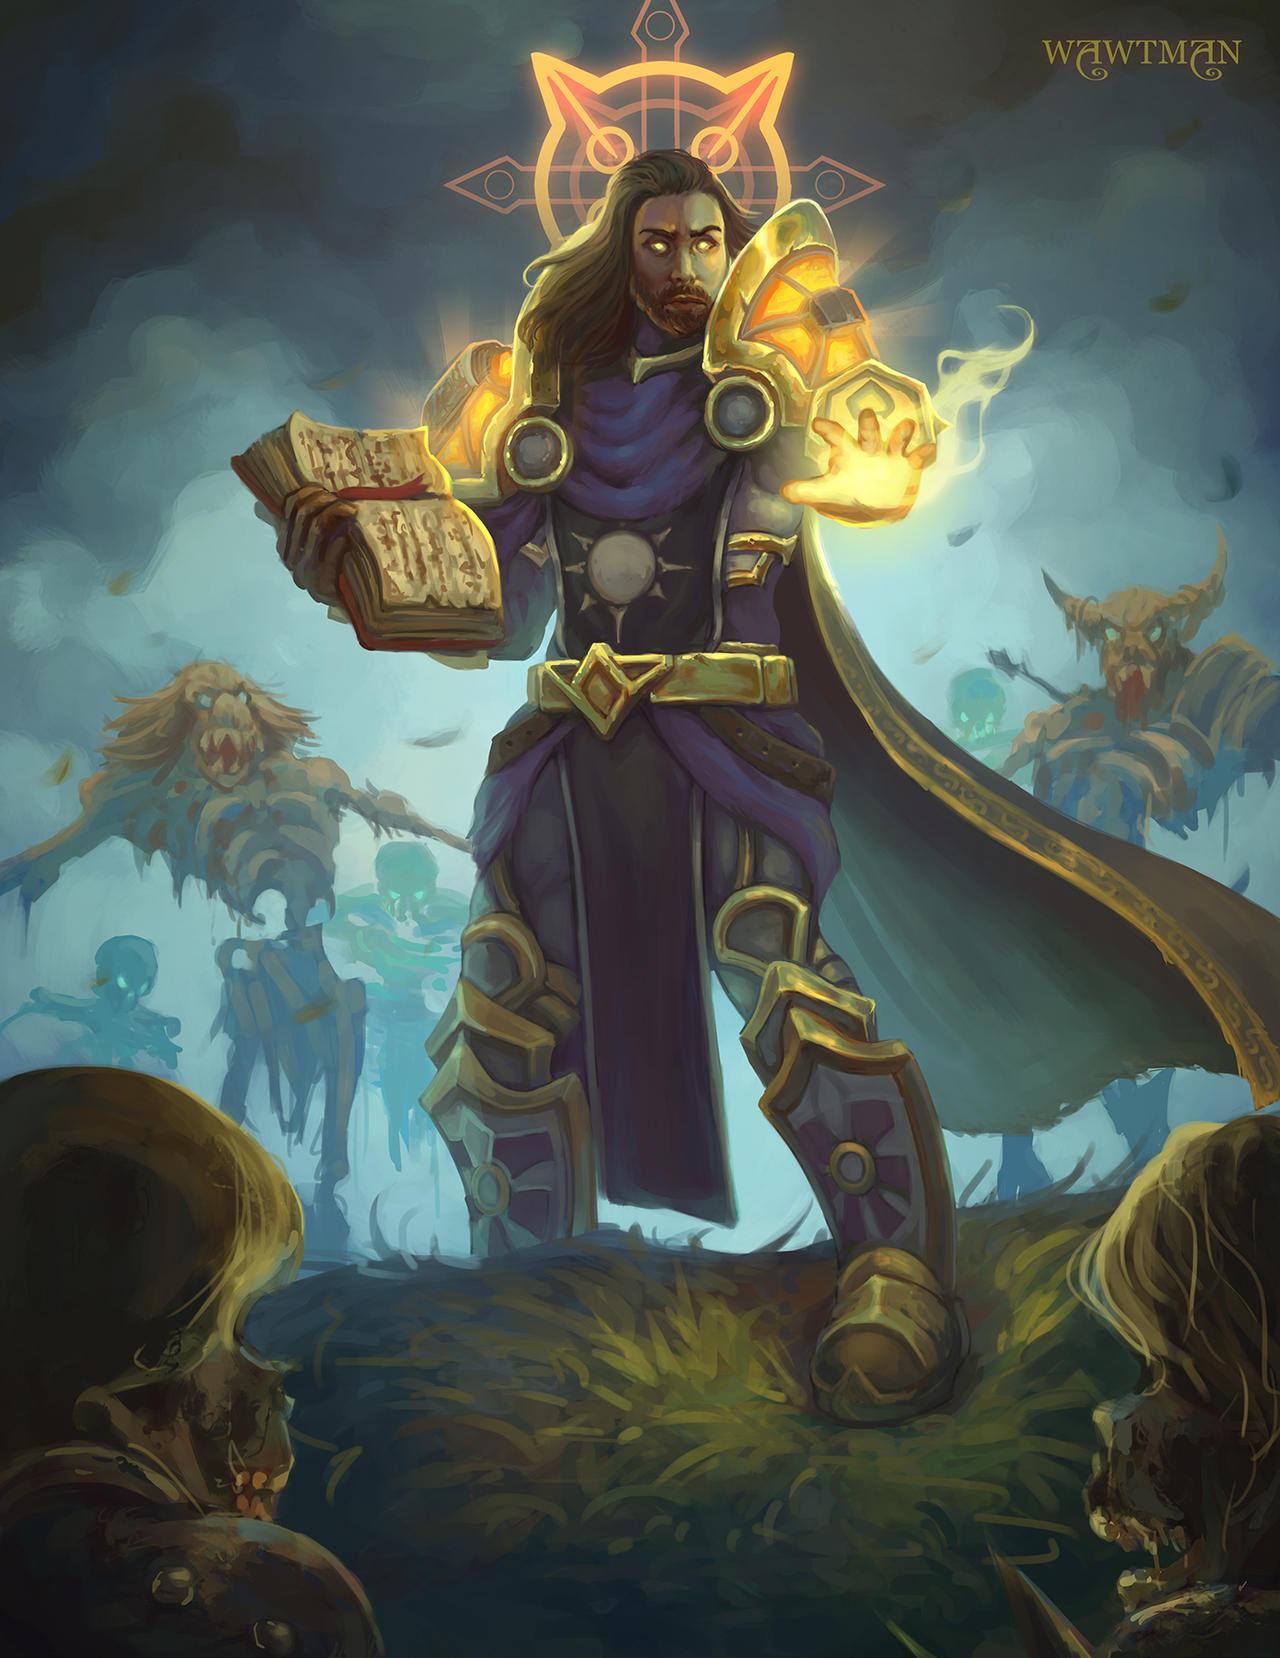 Xander, the Holy Paladin